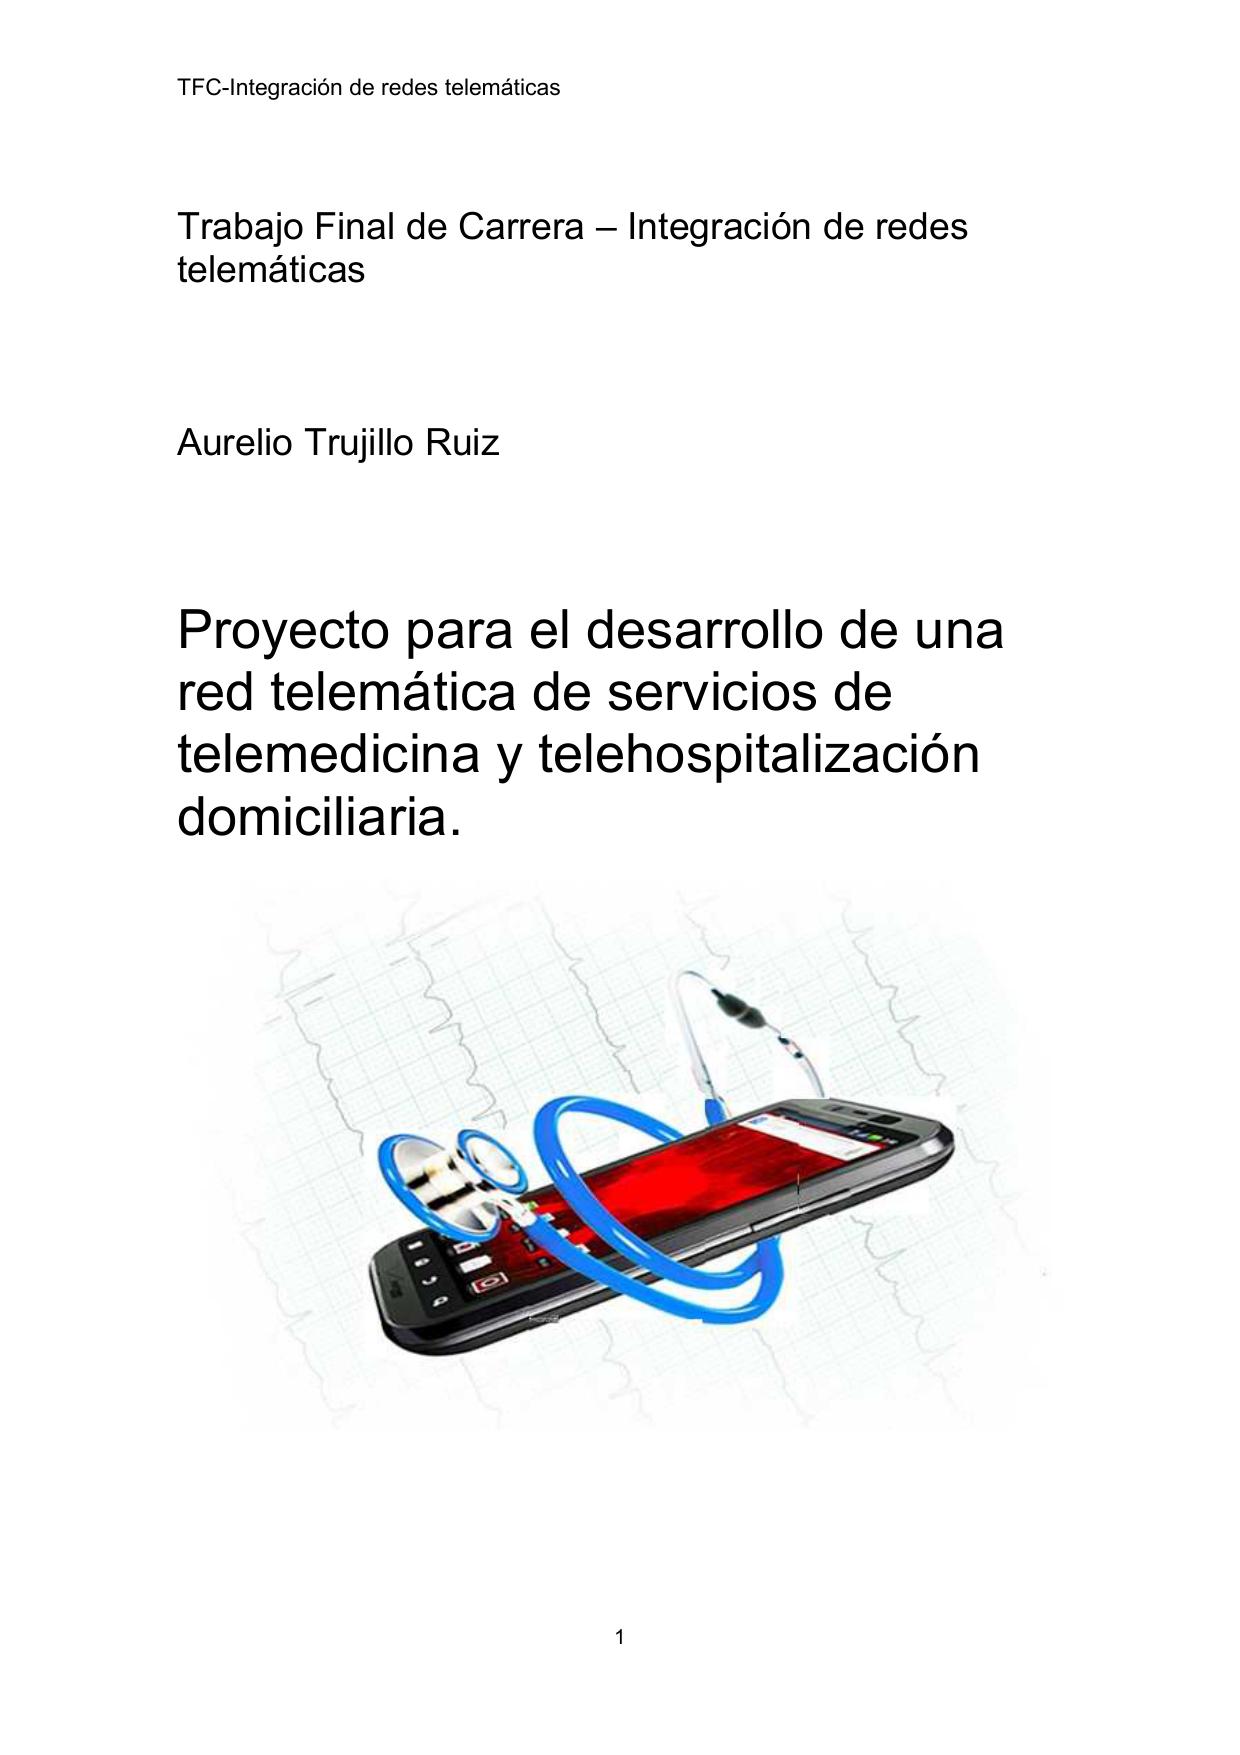 Proyecto para el desarrollo de una red telemática de servicios de